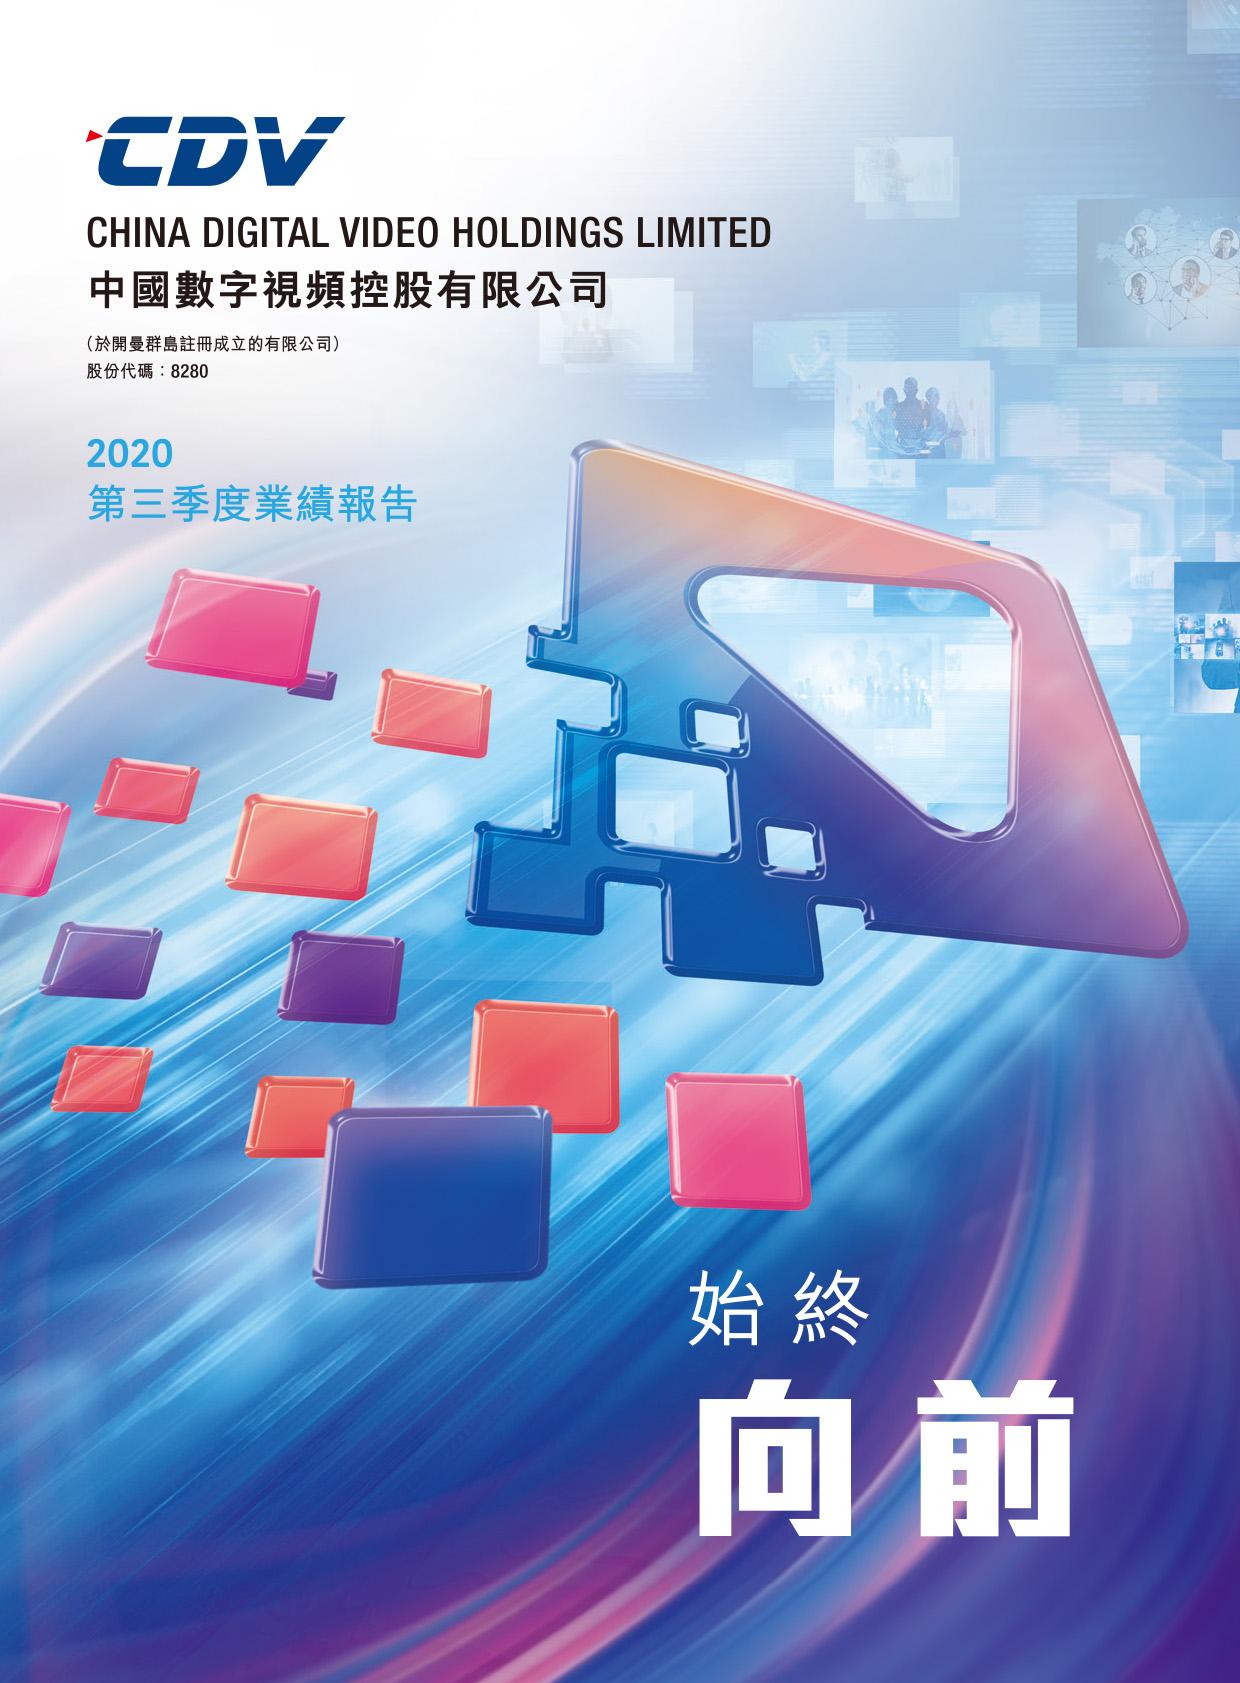 中国数字视频控股有限公司